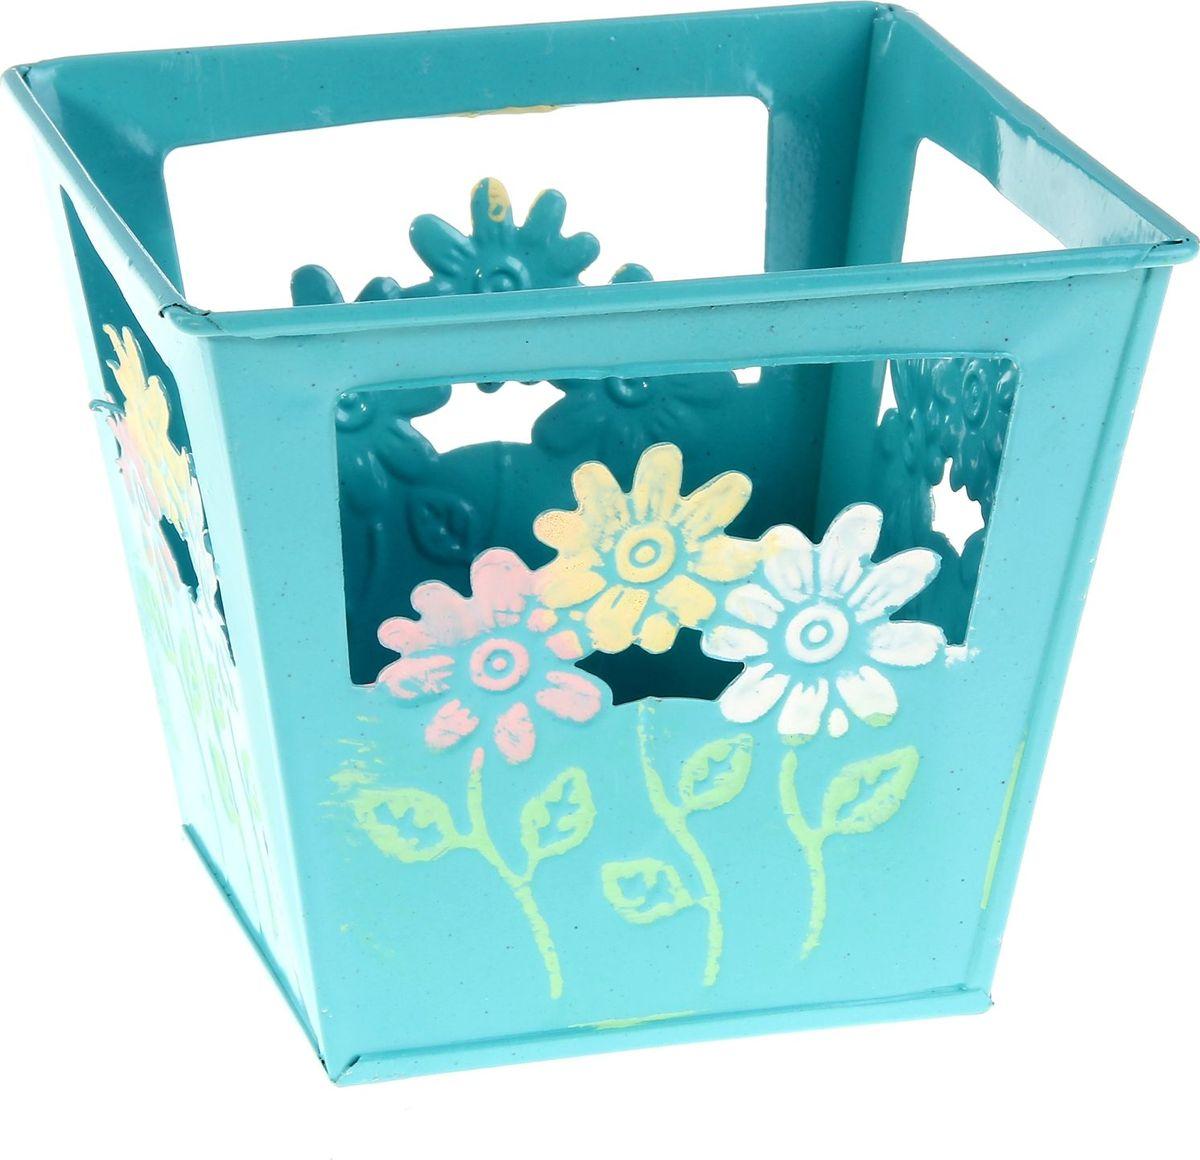 Кашпо Цветочки, цвет: голубой, 15 х 15 х 13 см232946Комнатные растения — всеобщие любимцы. Они радуют глаз, насыщают помещение кислородом и украшают пространство. Каждому из растений необходим свой удобный и красивый дом. Металлические декоративные вазы для горшков практичны и долговечны. #name# позаботится о зелёном питомце, освежит интерьер и подчеркнёт его стиль. Особенно выигрышно они смотрятся в экстерьере: на террасах и в беседках. При желании его всегда можно перекрасить в другой цвет.